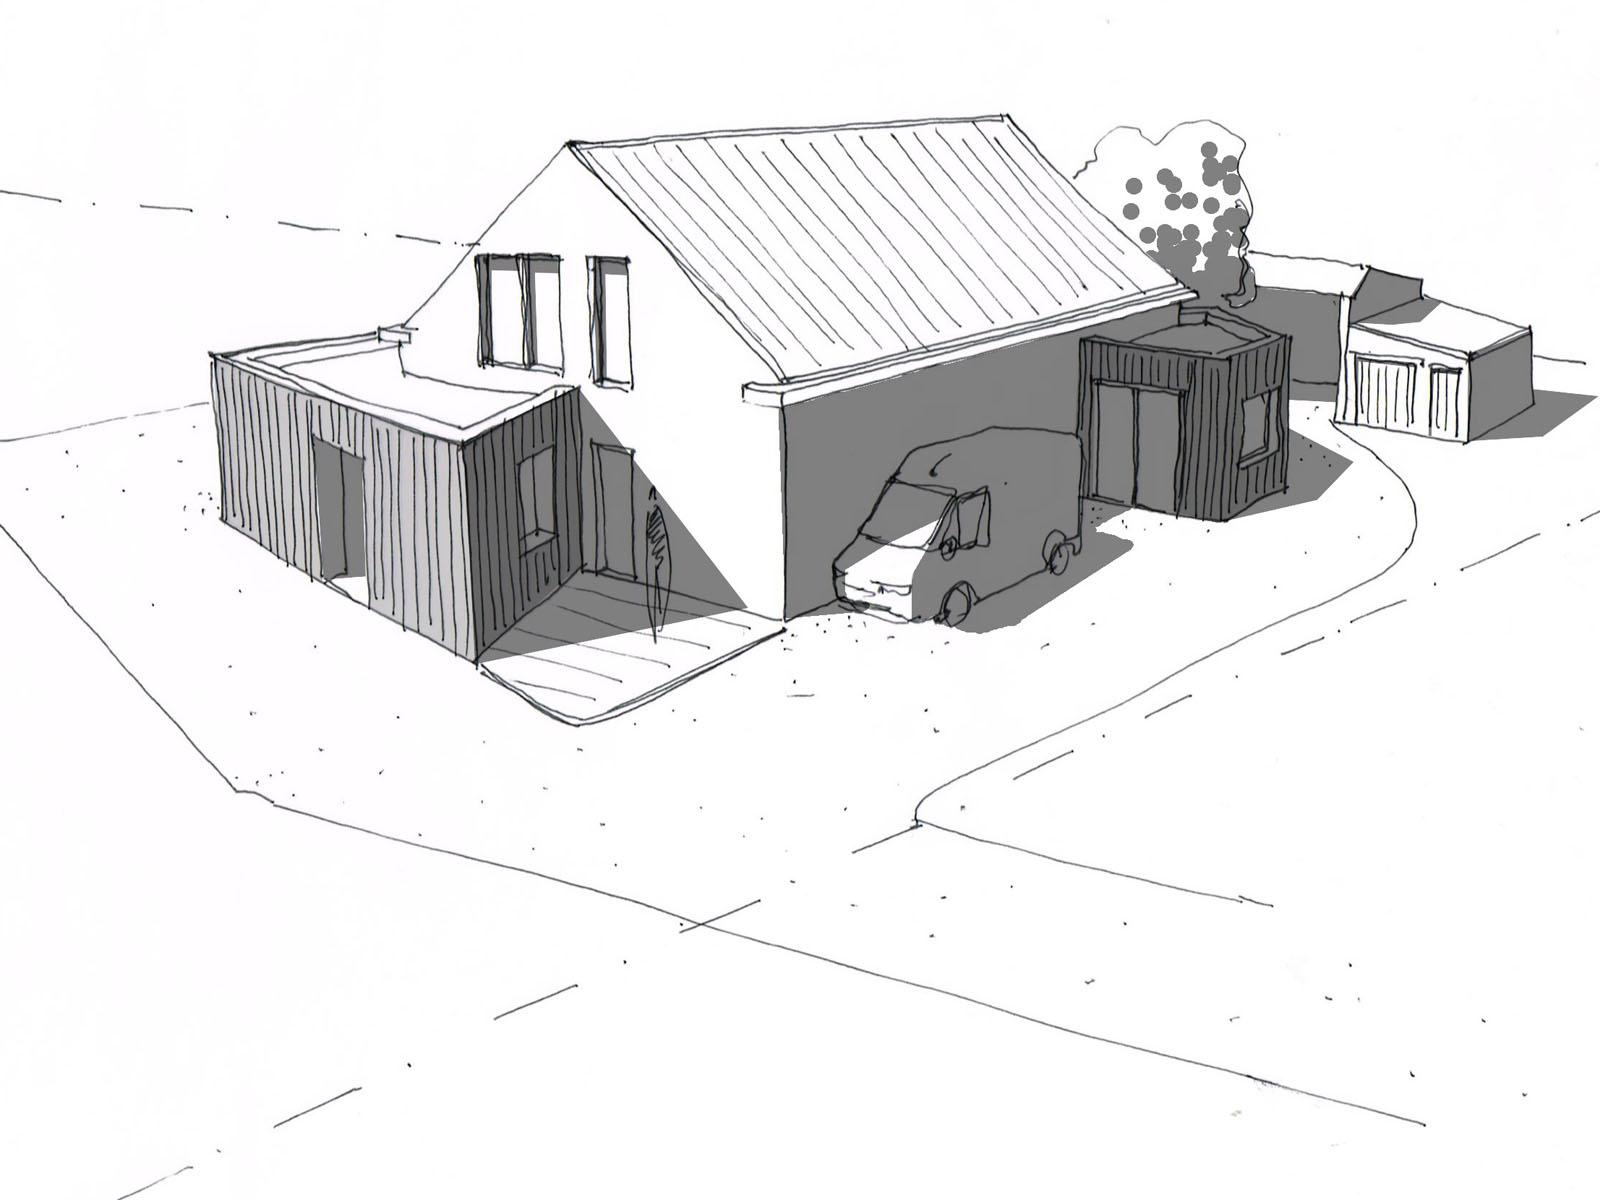 Réhabilitation d'une ferme bio et construction d'une habitation passive